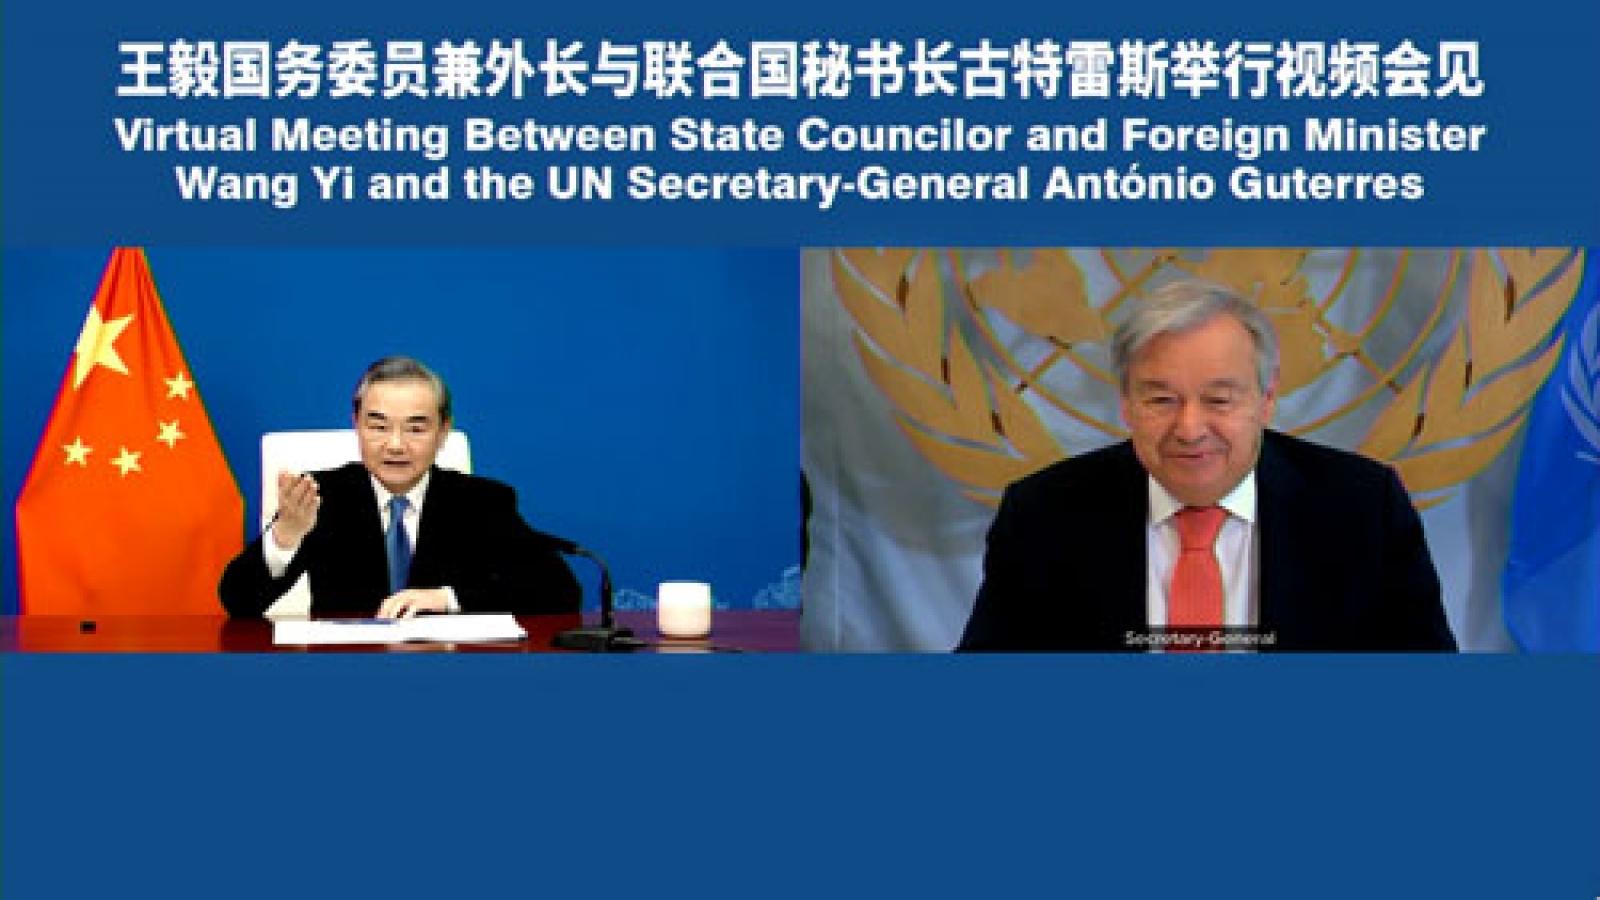 """Ngoại trưởng Vương Nghị: Trung Quốc sẵn sàng làm việc với Mỹ để trả lời """"câu hỏi thế kỷ"""""""